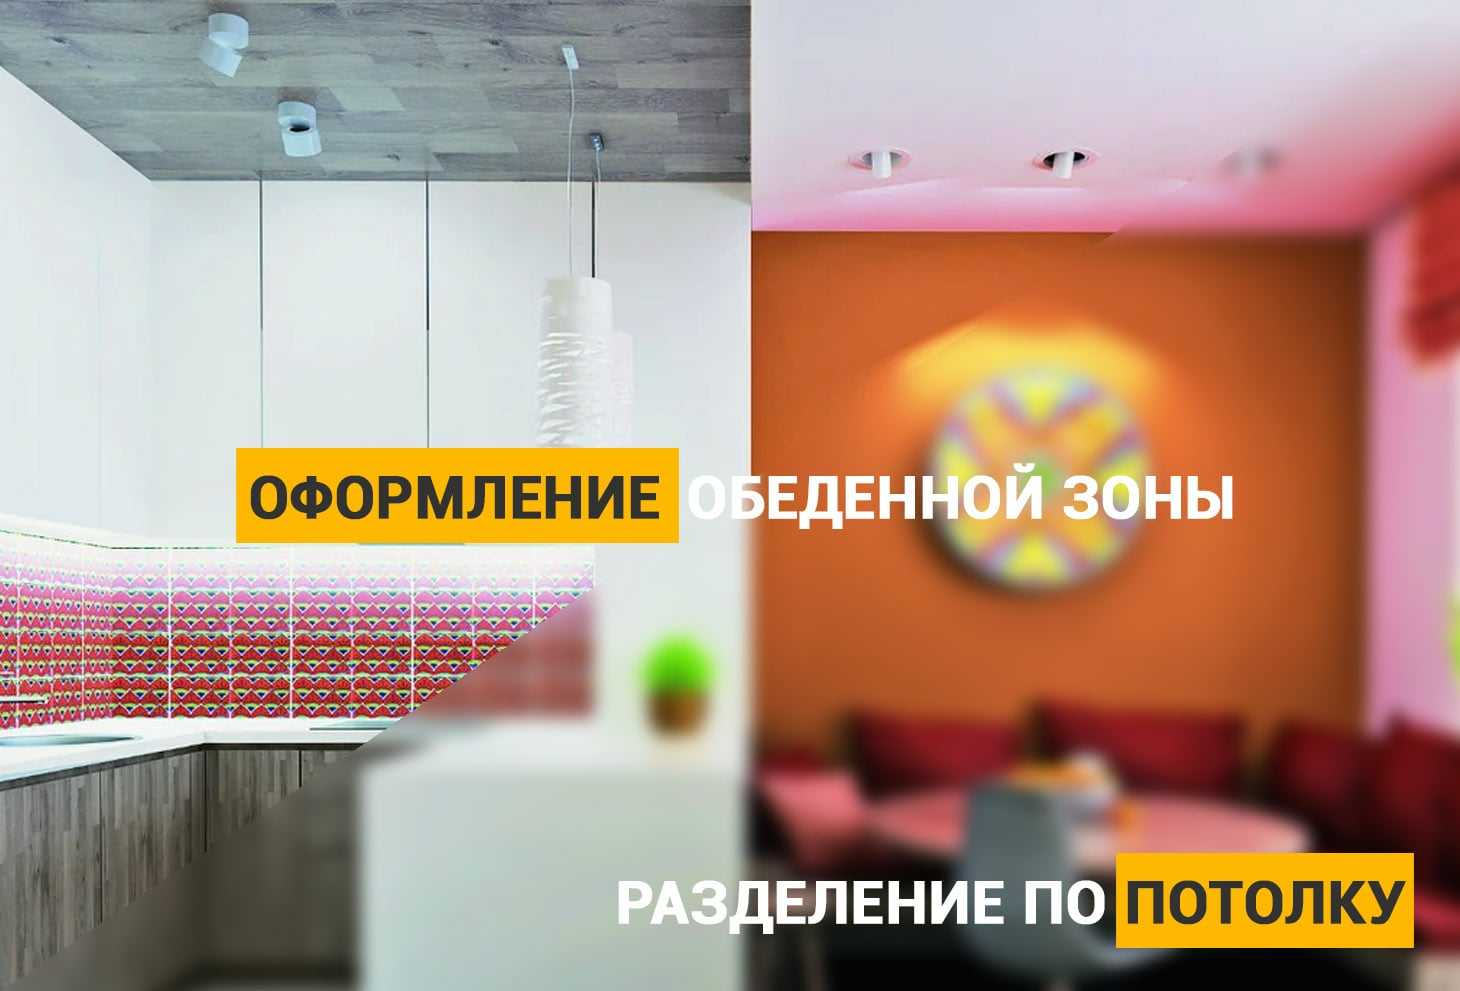 оформление обеденной зоны на кухне по потолку